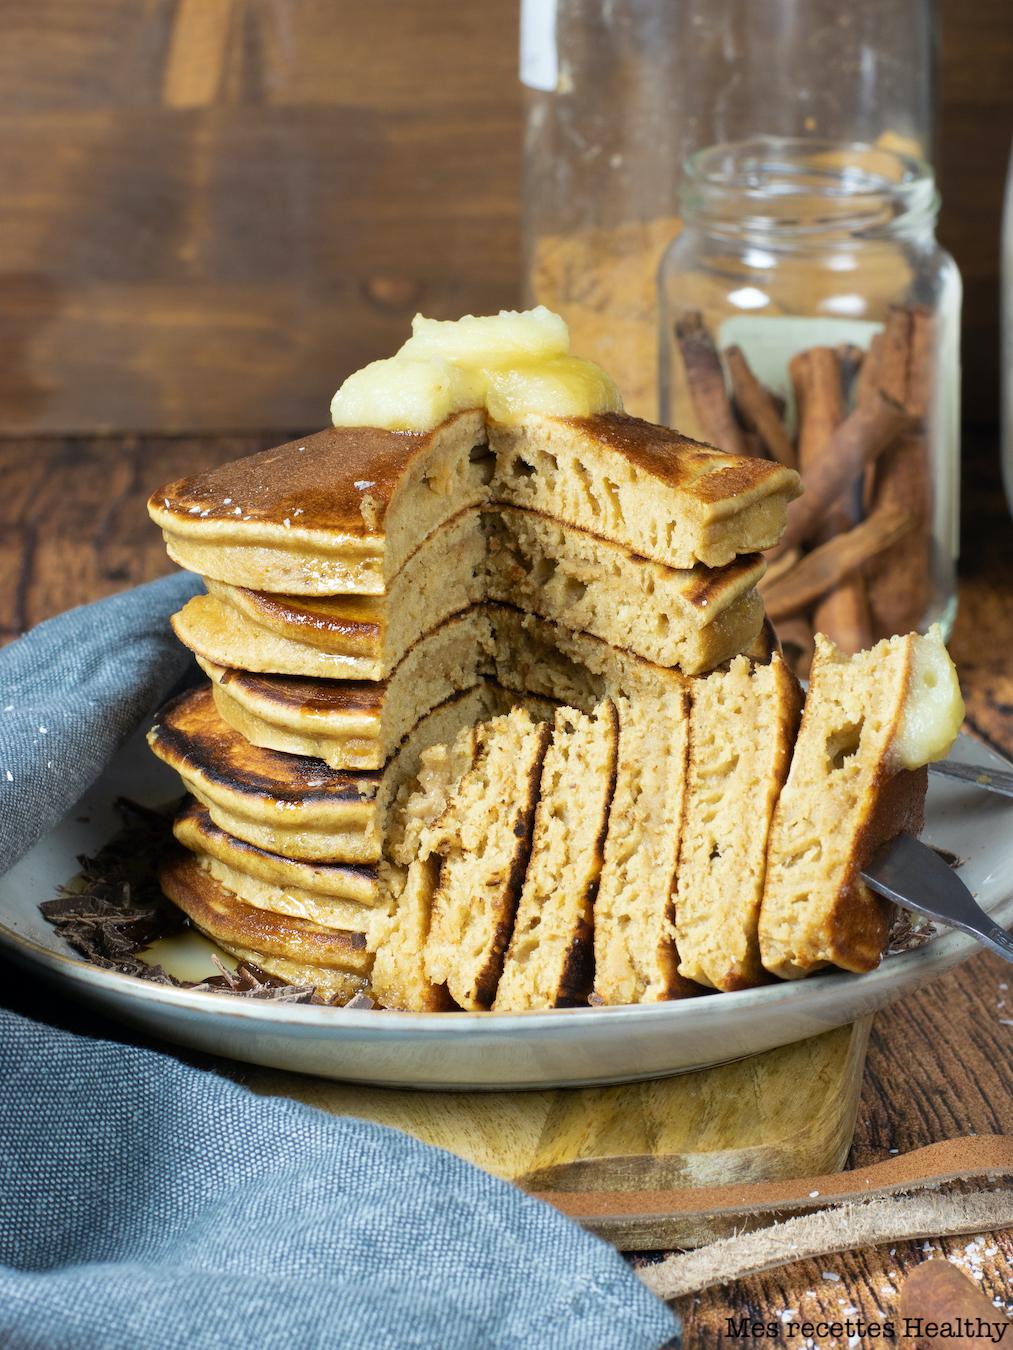 recette healthy-pancake moelleux-ricotta-noisette-petit déjeuner